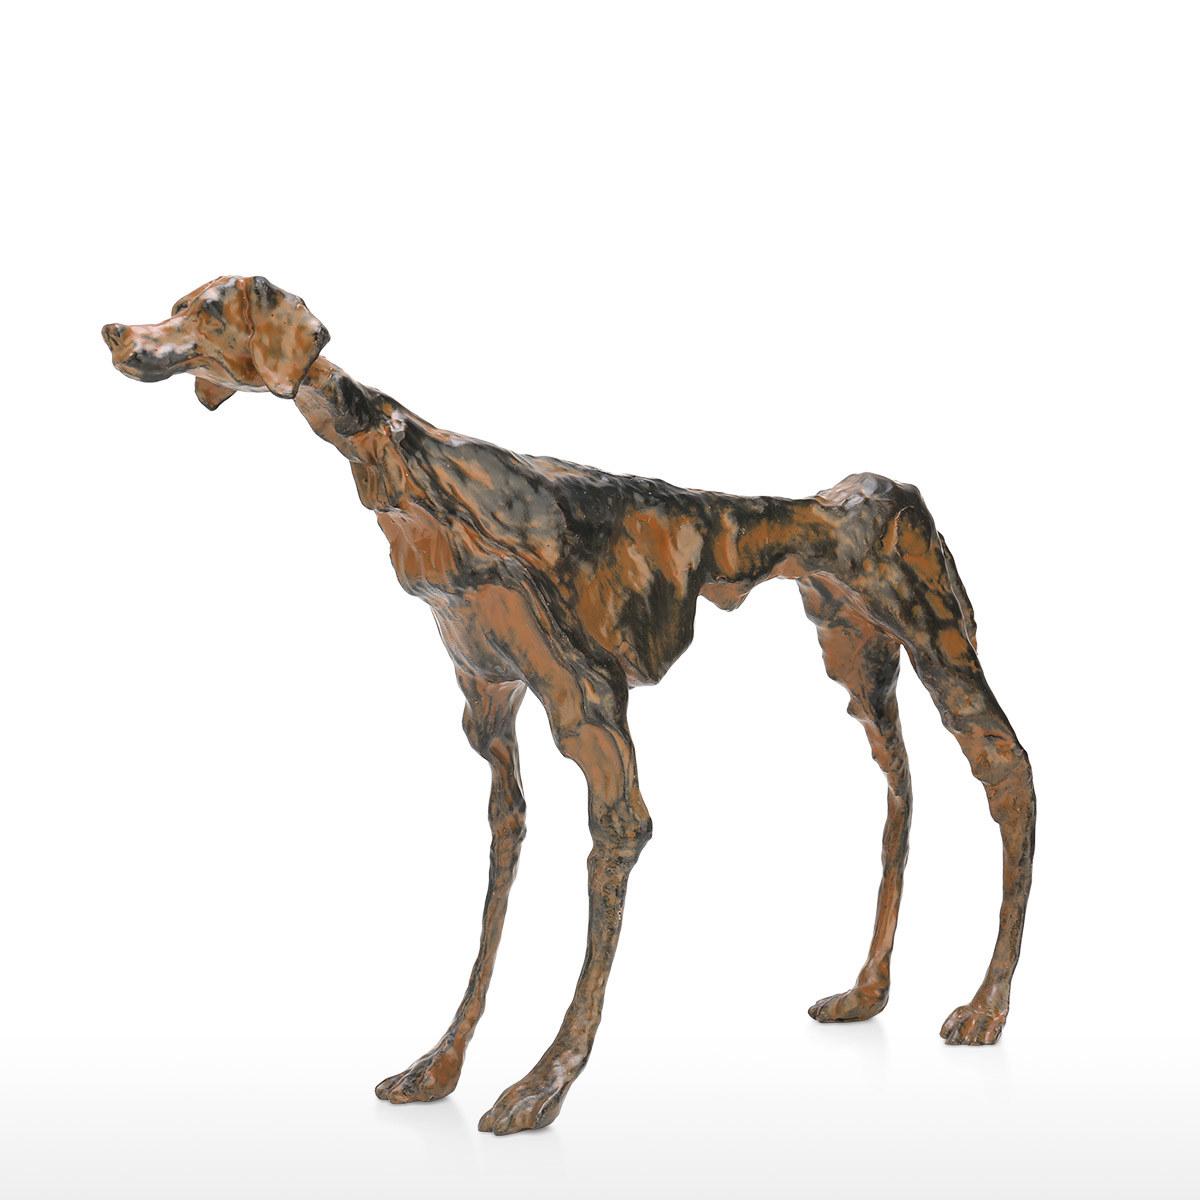 Tooarts Kunst Dekor Tribut An Giacometti Sammlung Eisenguss Hund Skulptur Einsamkeit Bedeutung Exquisite Handwerk Ideale Kunst